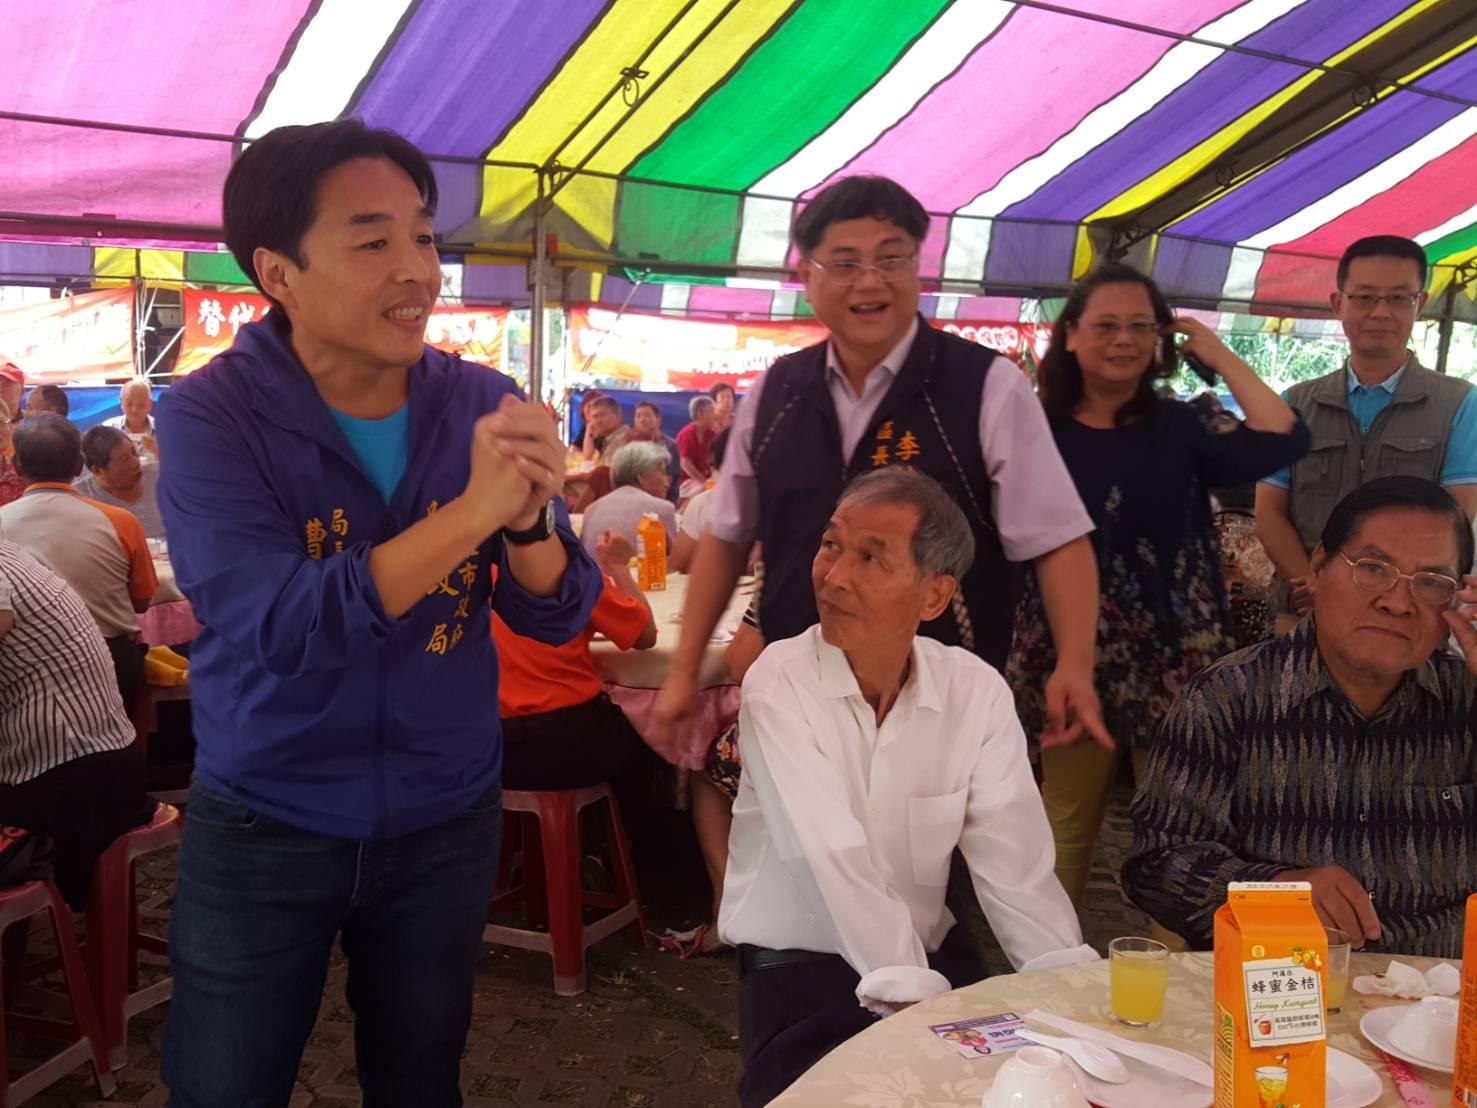 阿蓮社區發展協會舉辦九九重陽節敬老活動